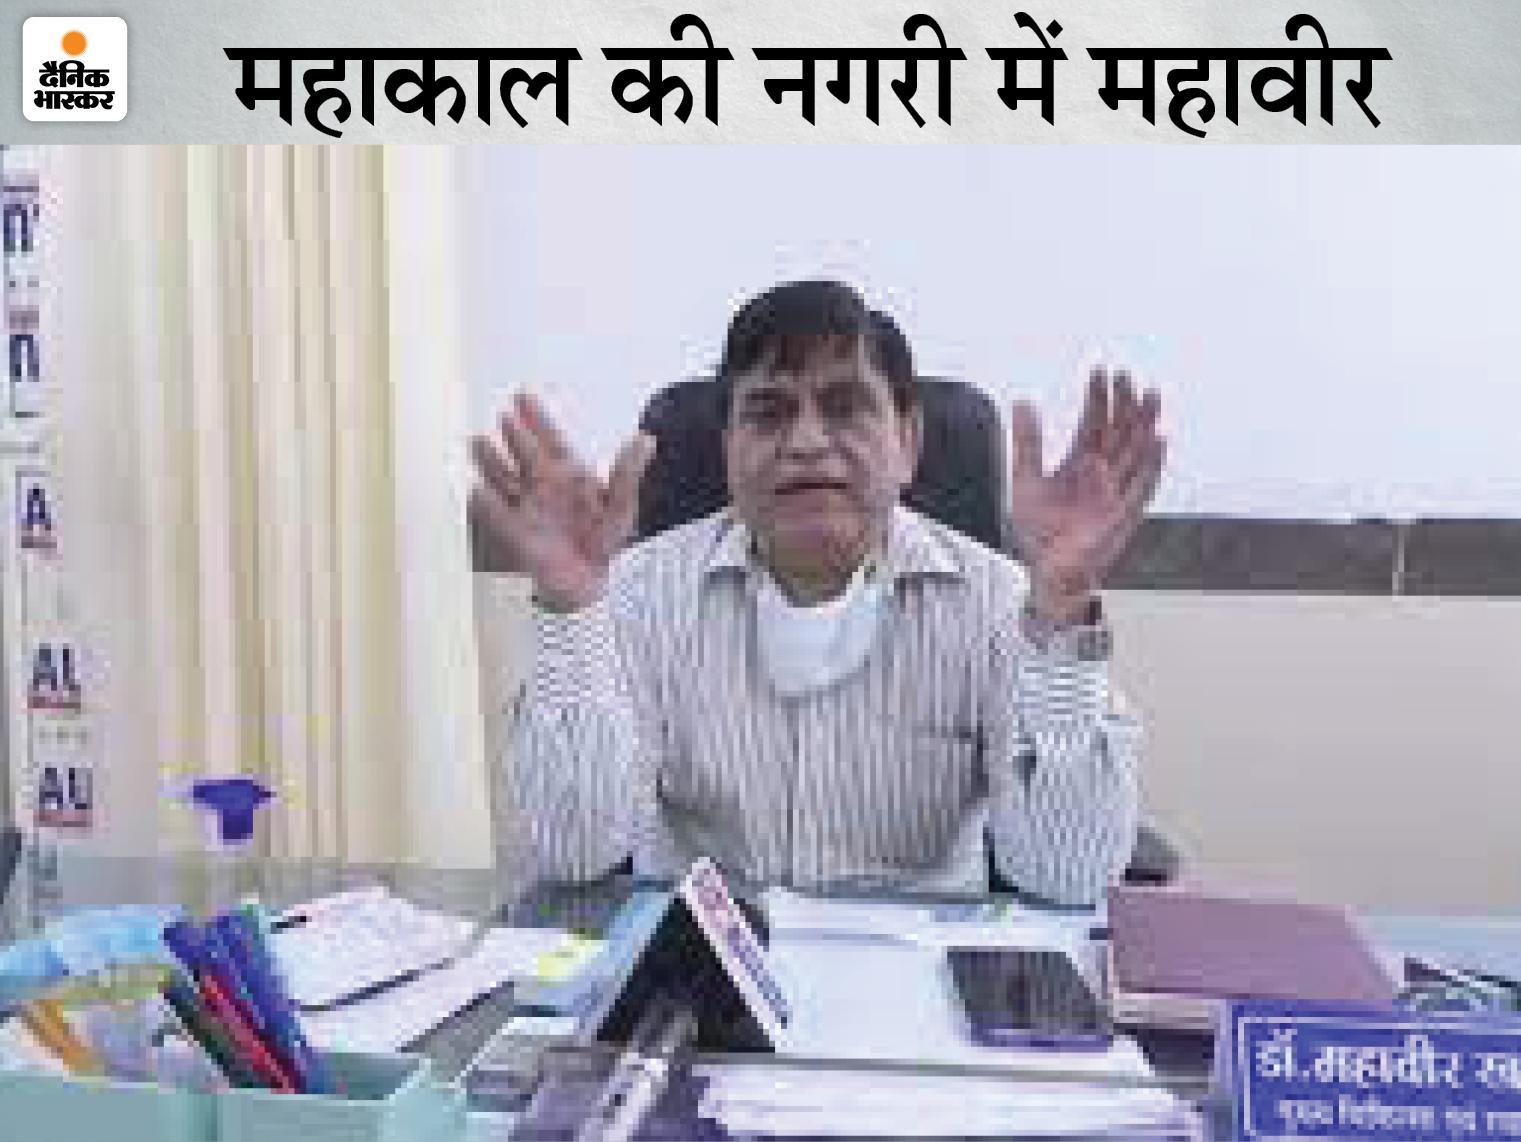 उज्जैन CMHO ने सभी को आदेश दिया कि कोई प्राइवेट प्रैक्टिस नहीं करेगा और खुद अपने अस्पताल में मरीजों को देख रहे|उज्जैन,Ujjain - Dainik Bhaskar